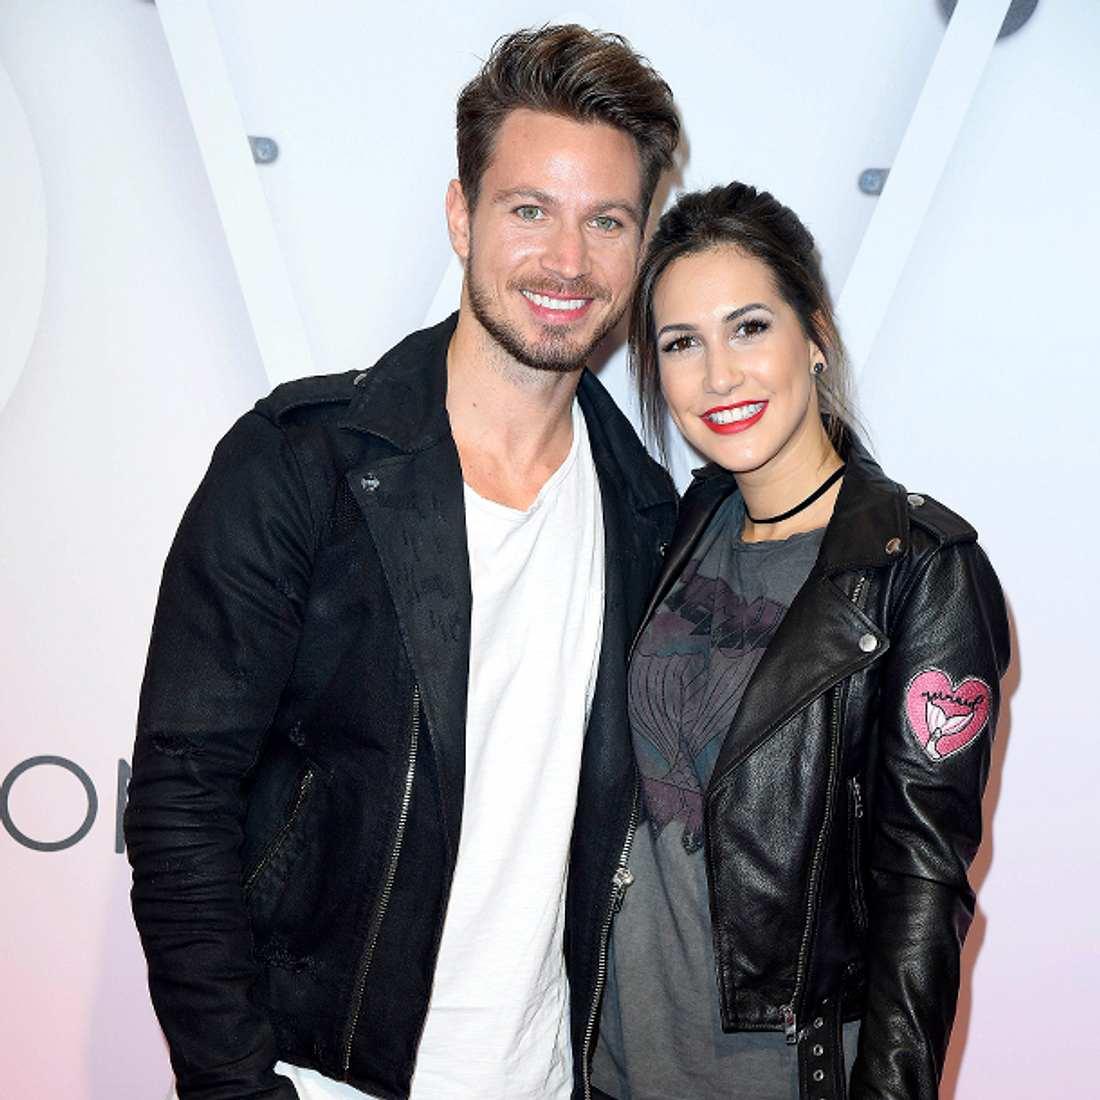 Sebastian Pannek & Clea-Lacy Juhn: Hochzeit in L.A.?